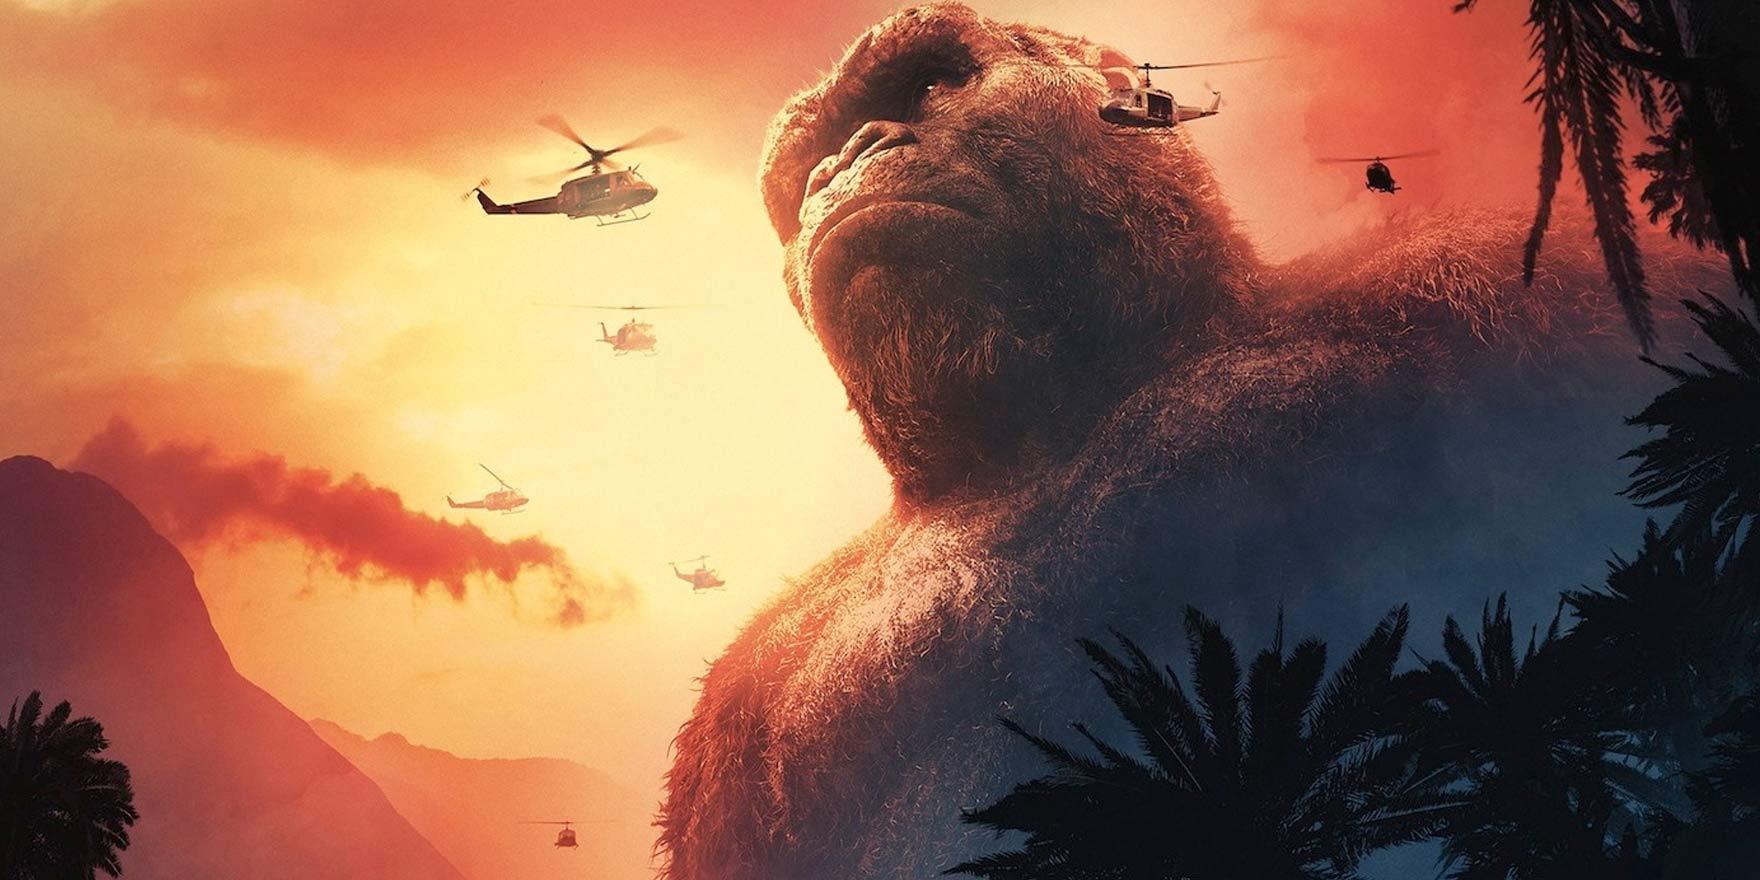 Kong: Skull Island (3D) - Header Image